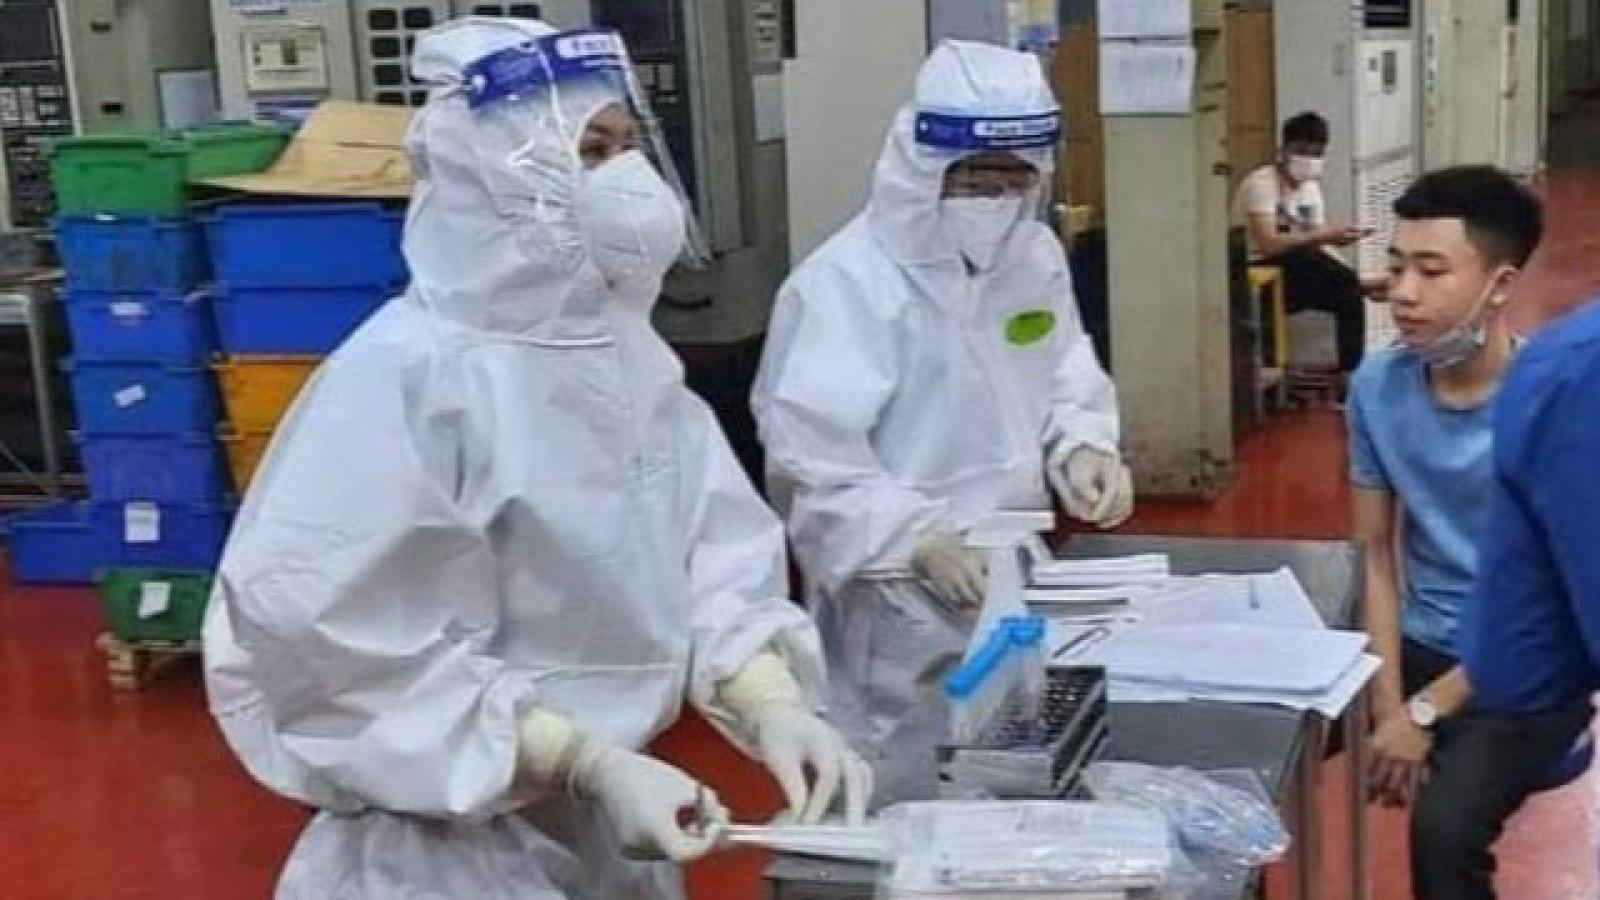 Chủ tịch Bắc Giang đề nghị công an điều tra vụ Covid-19 lan nhanh từ KCN